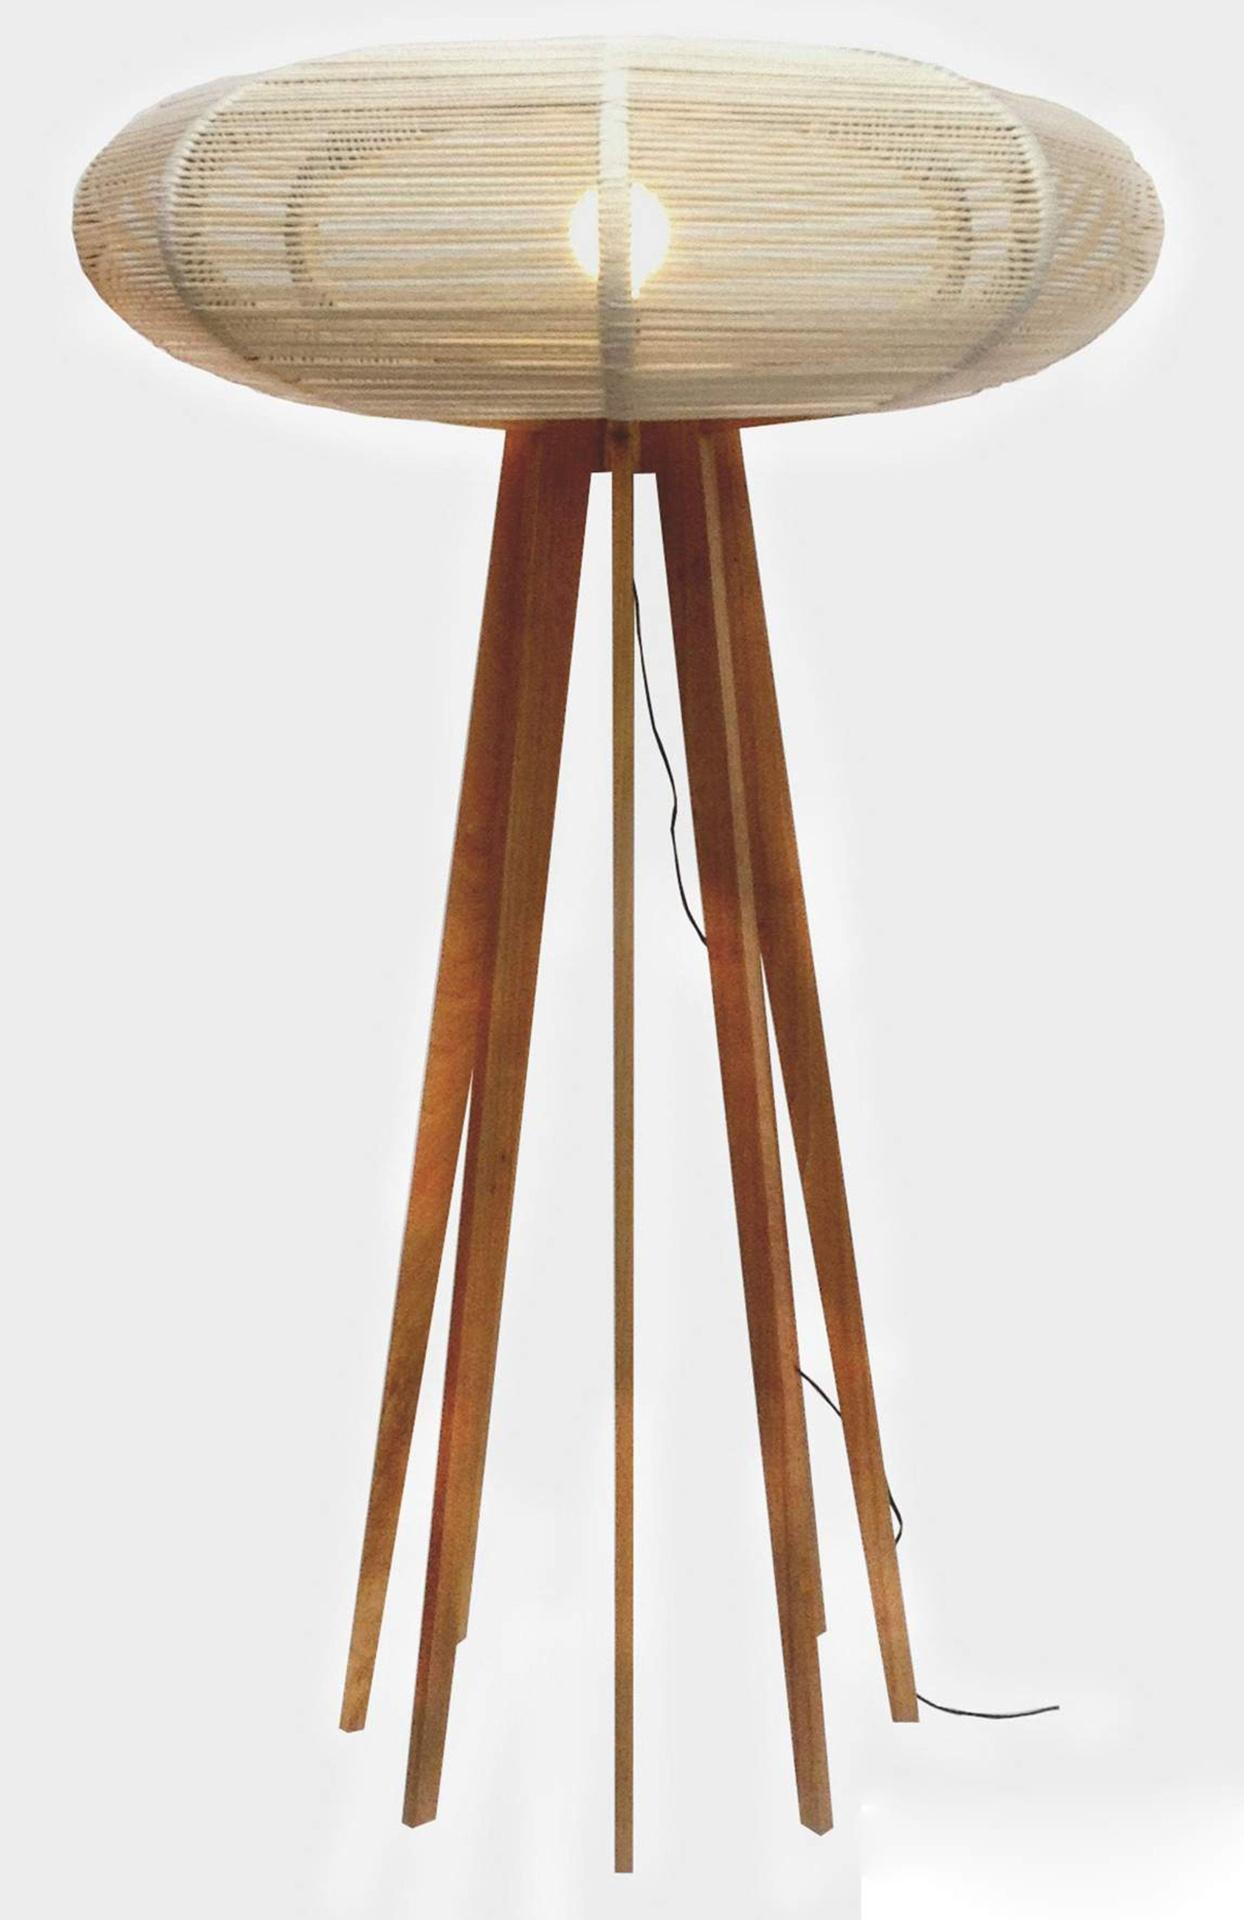 O designer Tadeu Paisan assina a luminária de piso Bongô confeccionada em madeira jequitibá (base) e fios de material reciclado (cúpula). A peça mede 180 cm de altura e pode ser comprada na Way Design (www.waydesign.com.br)